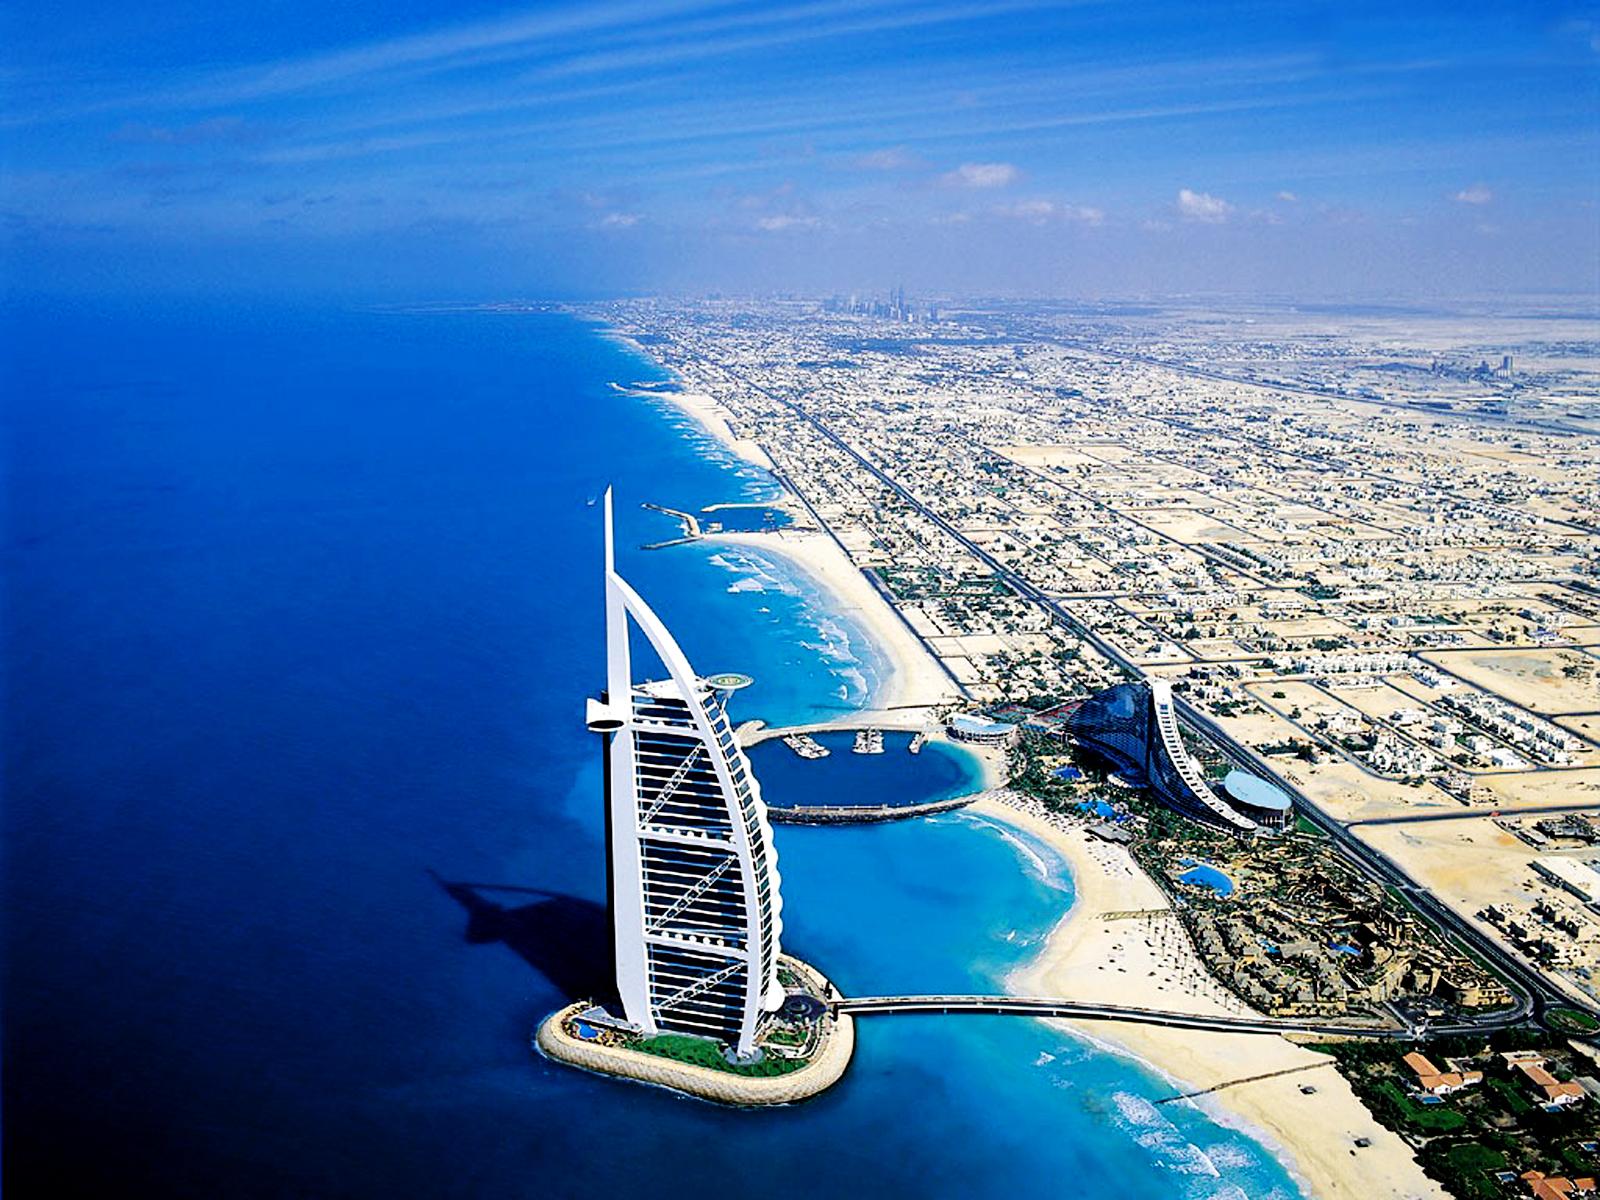 Central Wallpaper: Luxury Hotel Burj Al Arab HD Wallpapers